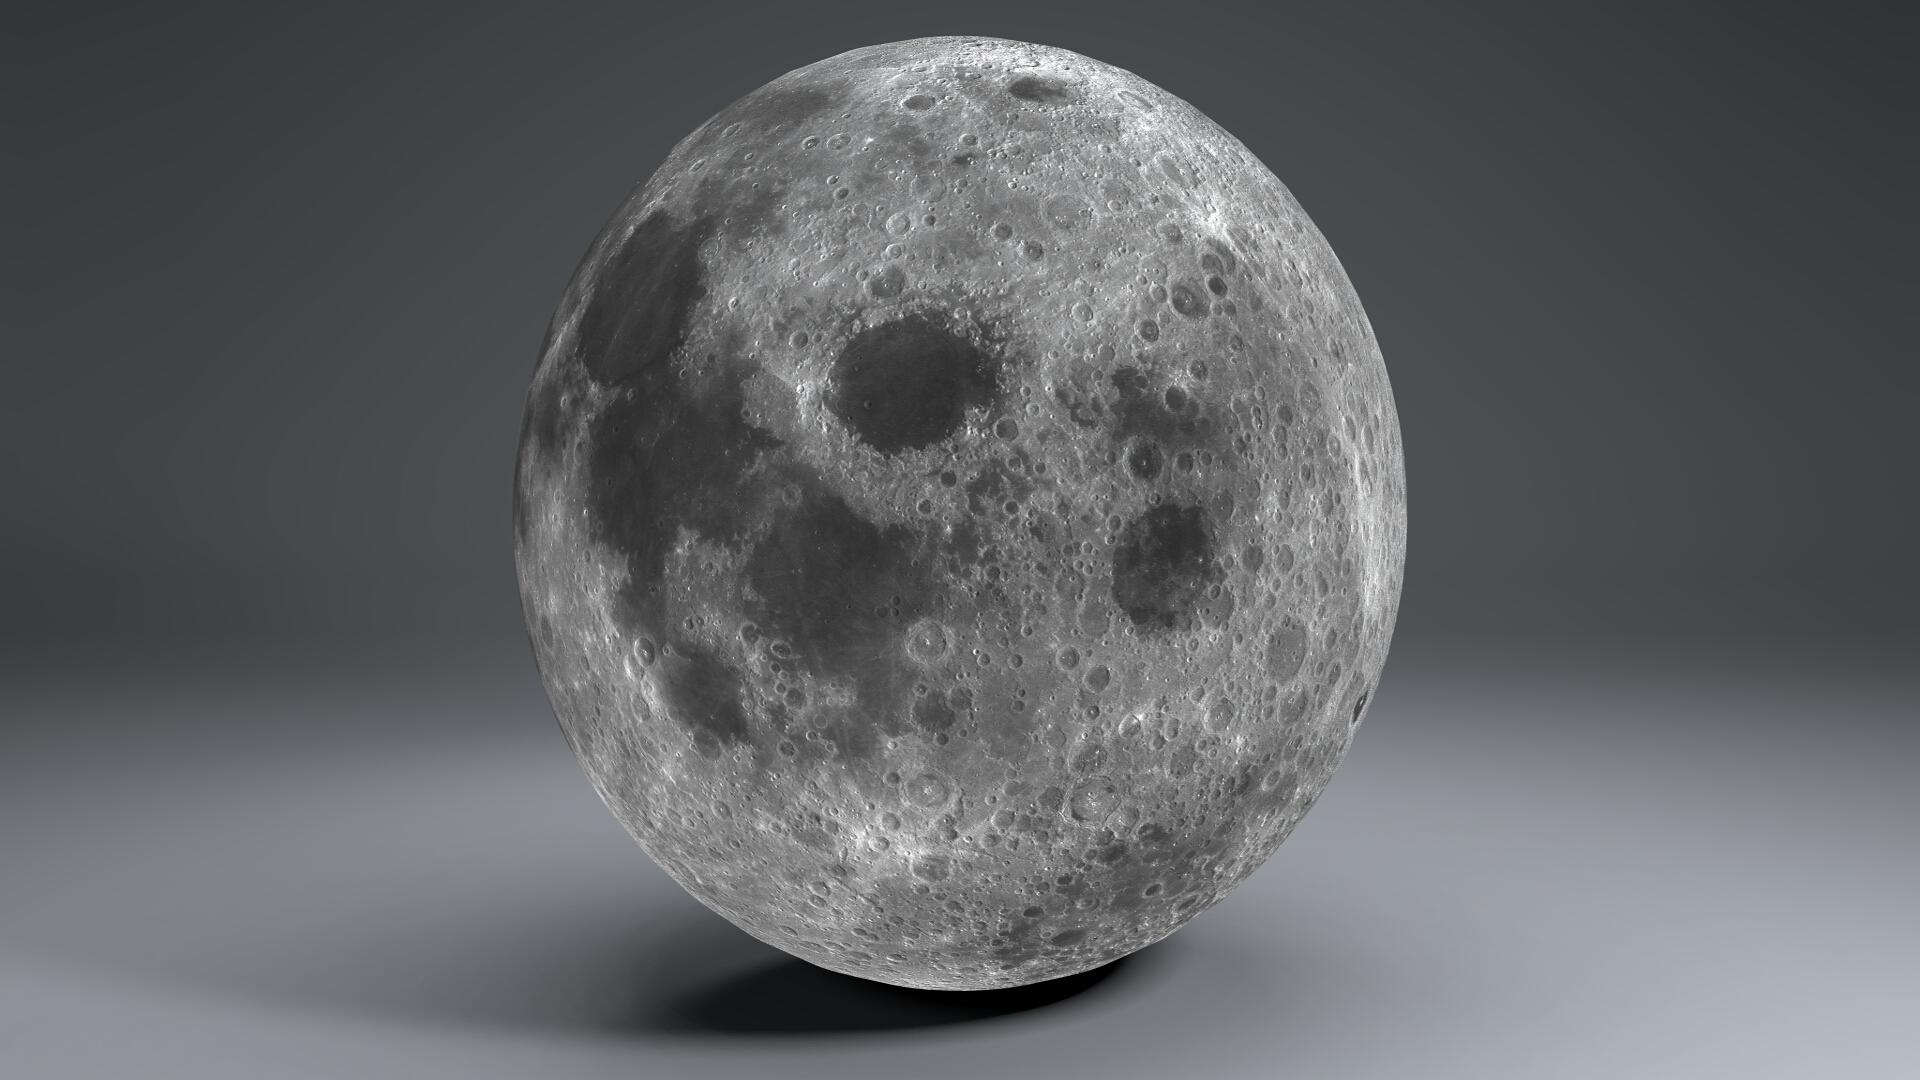 moon globe 23k 3d model 3ds fbx blend dae obj 222140